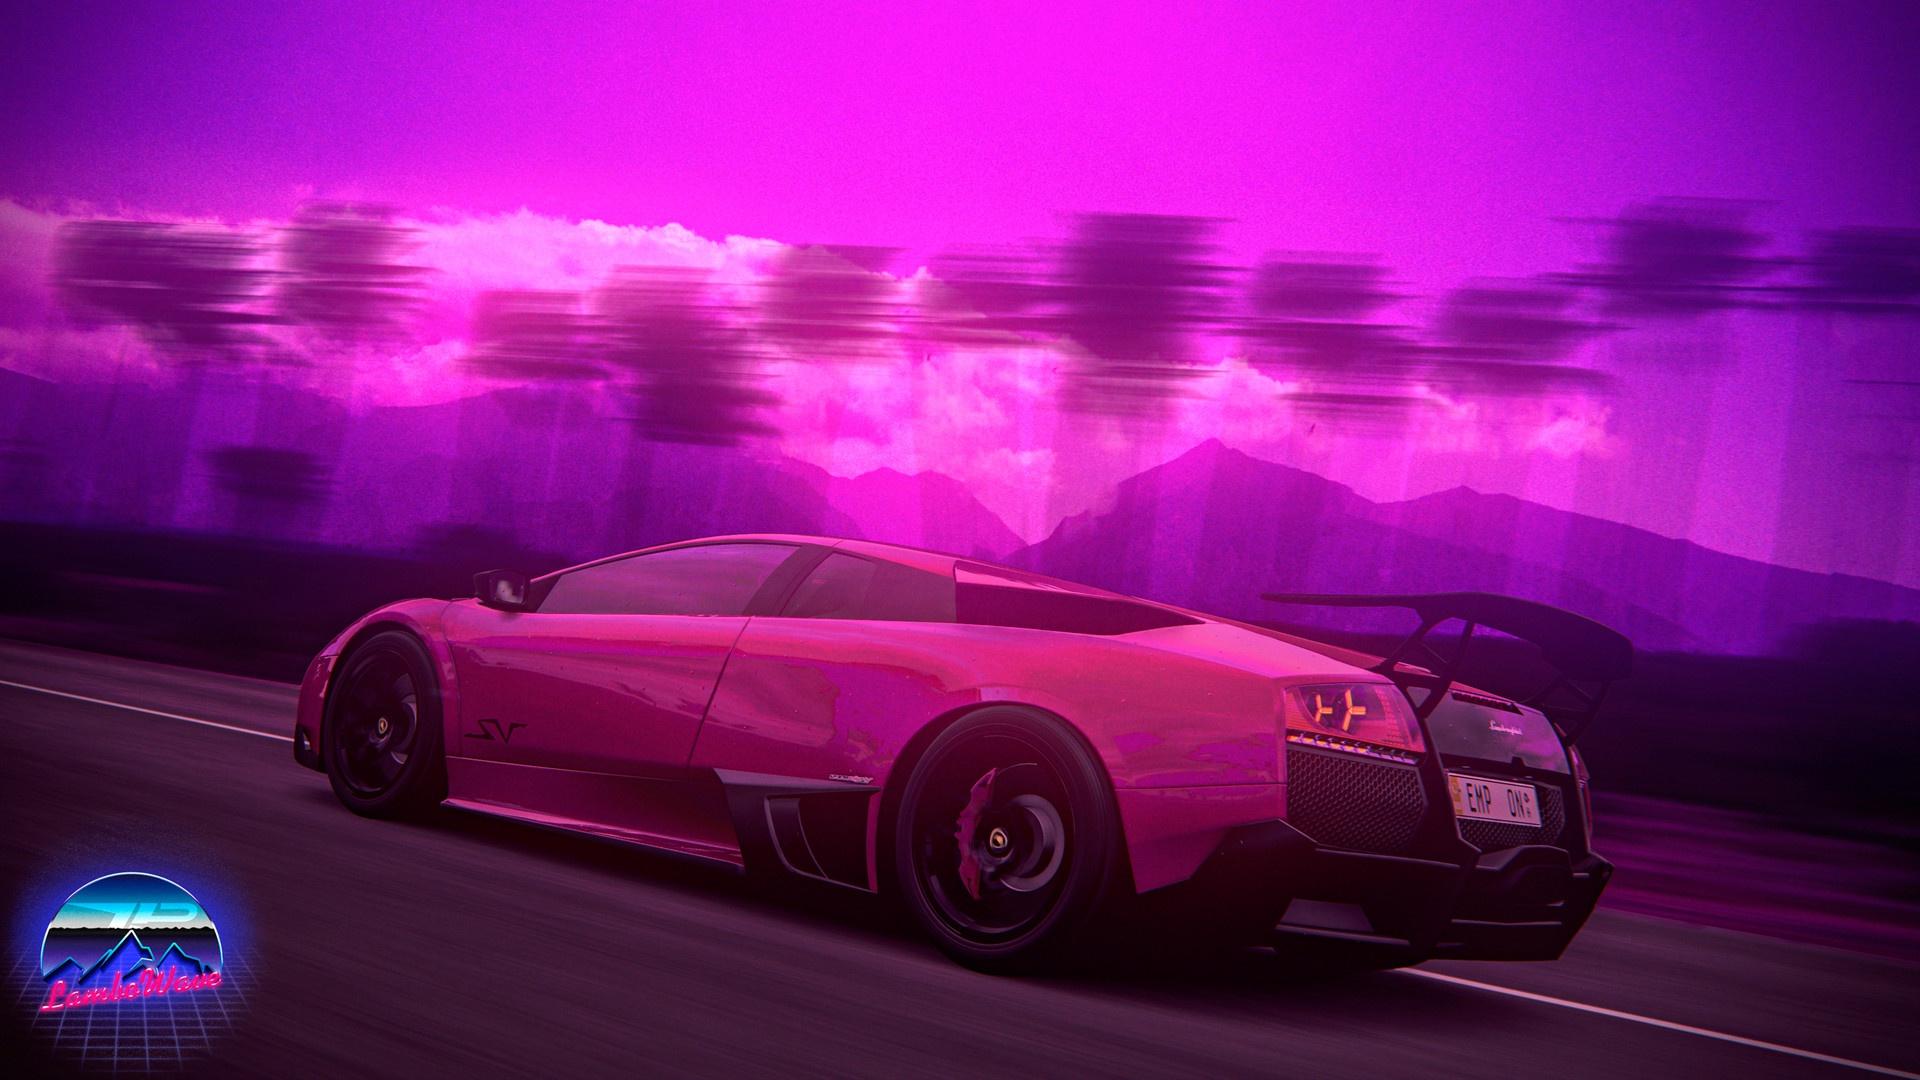 важнее красивые картинки с фиолетовым цветом дрифт да, вадим довольно